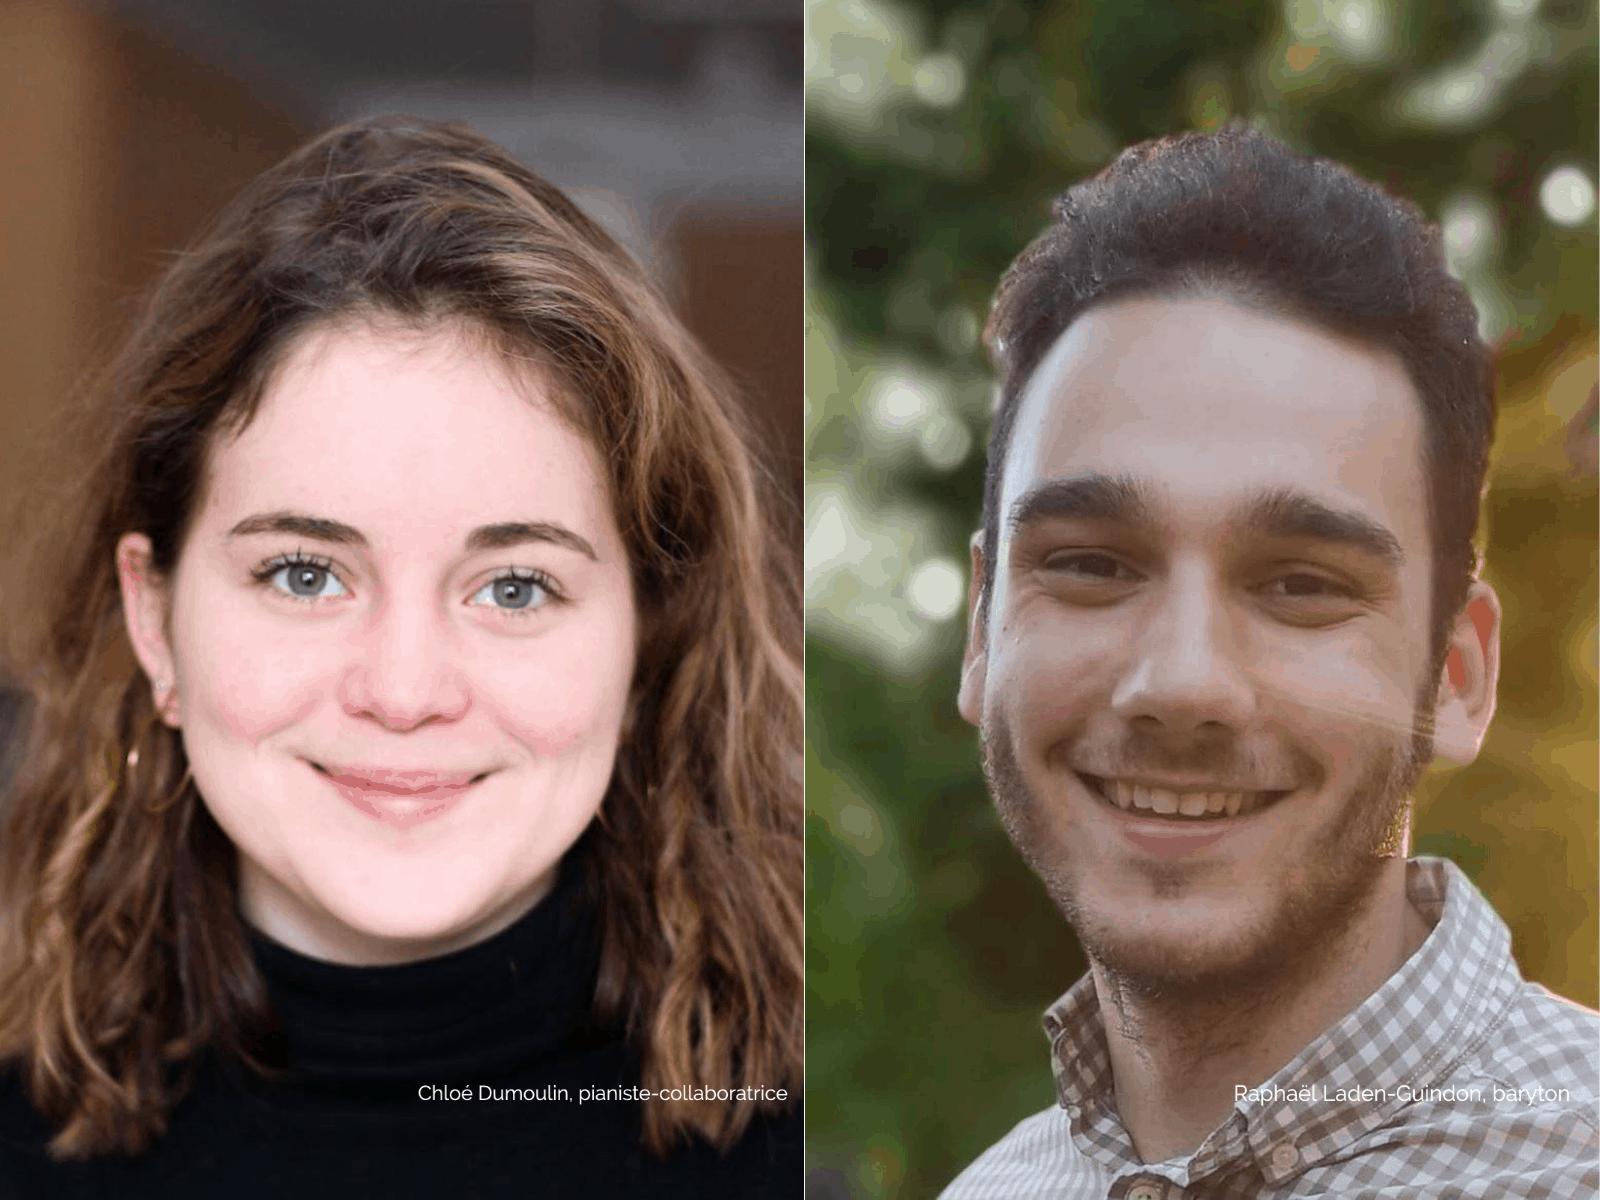 Chloé Dumoulin et Raphaël Laden-Guindon